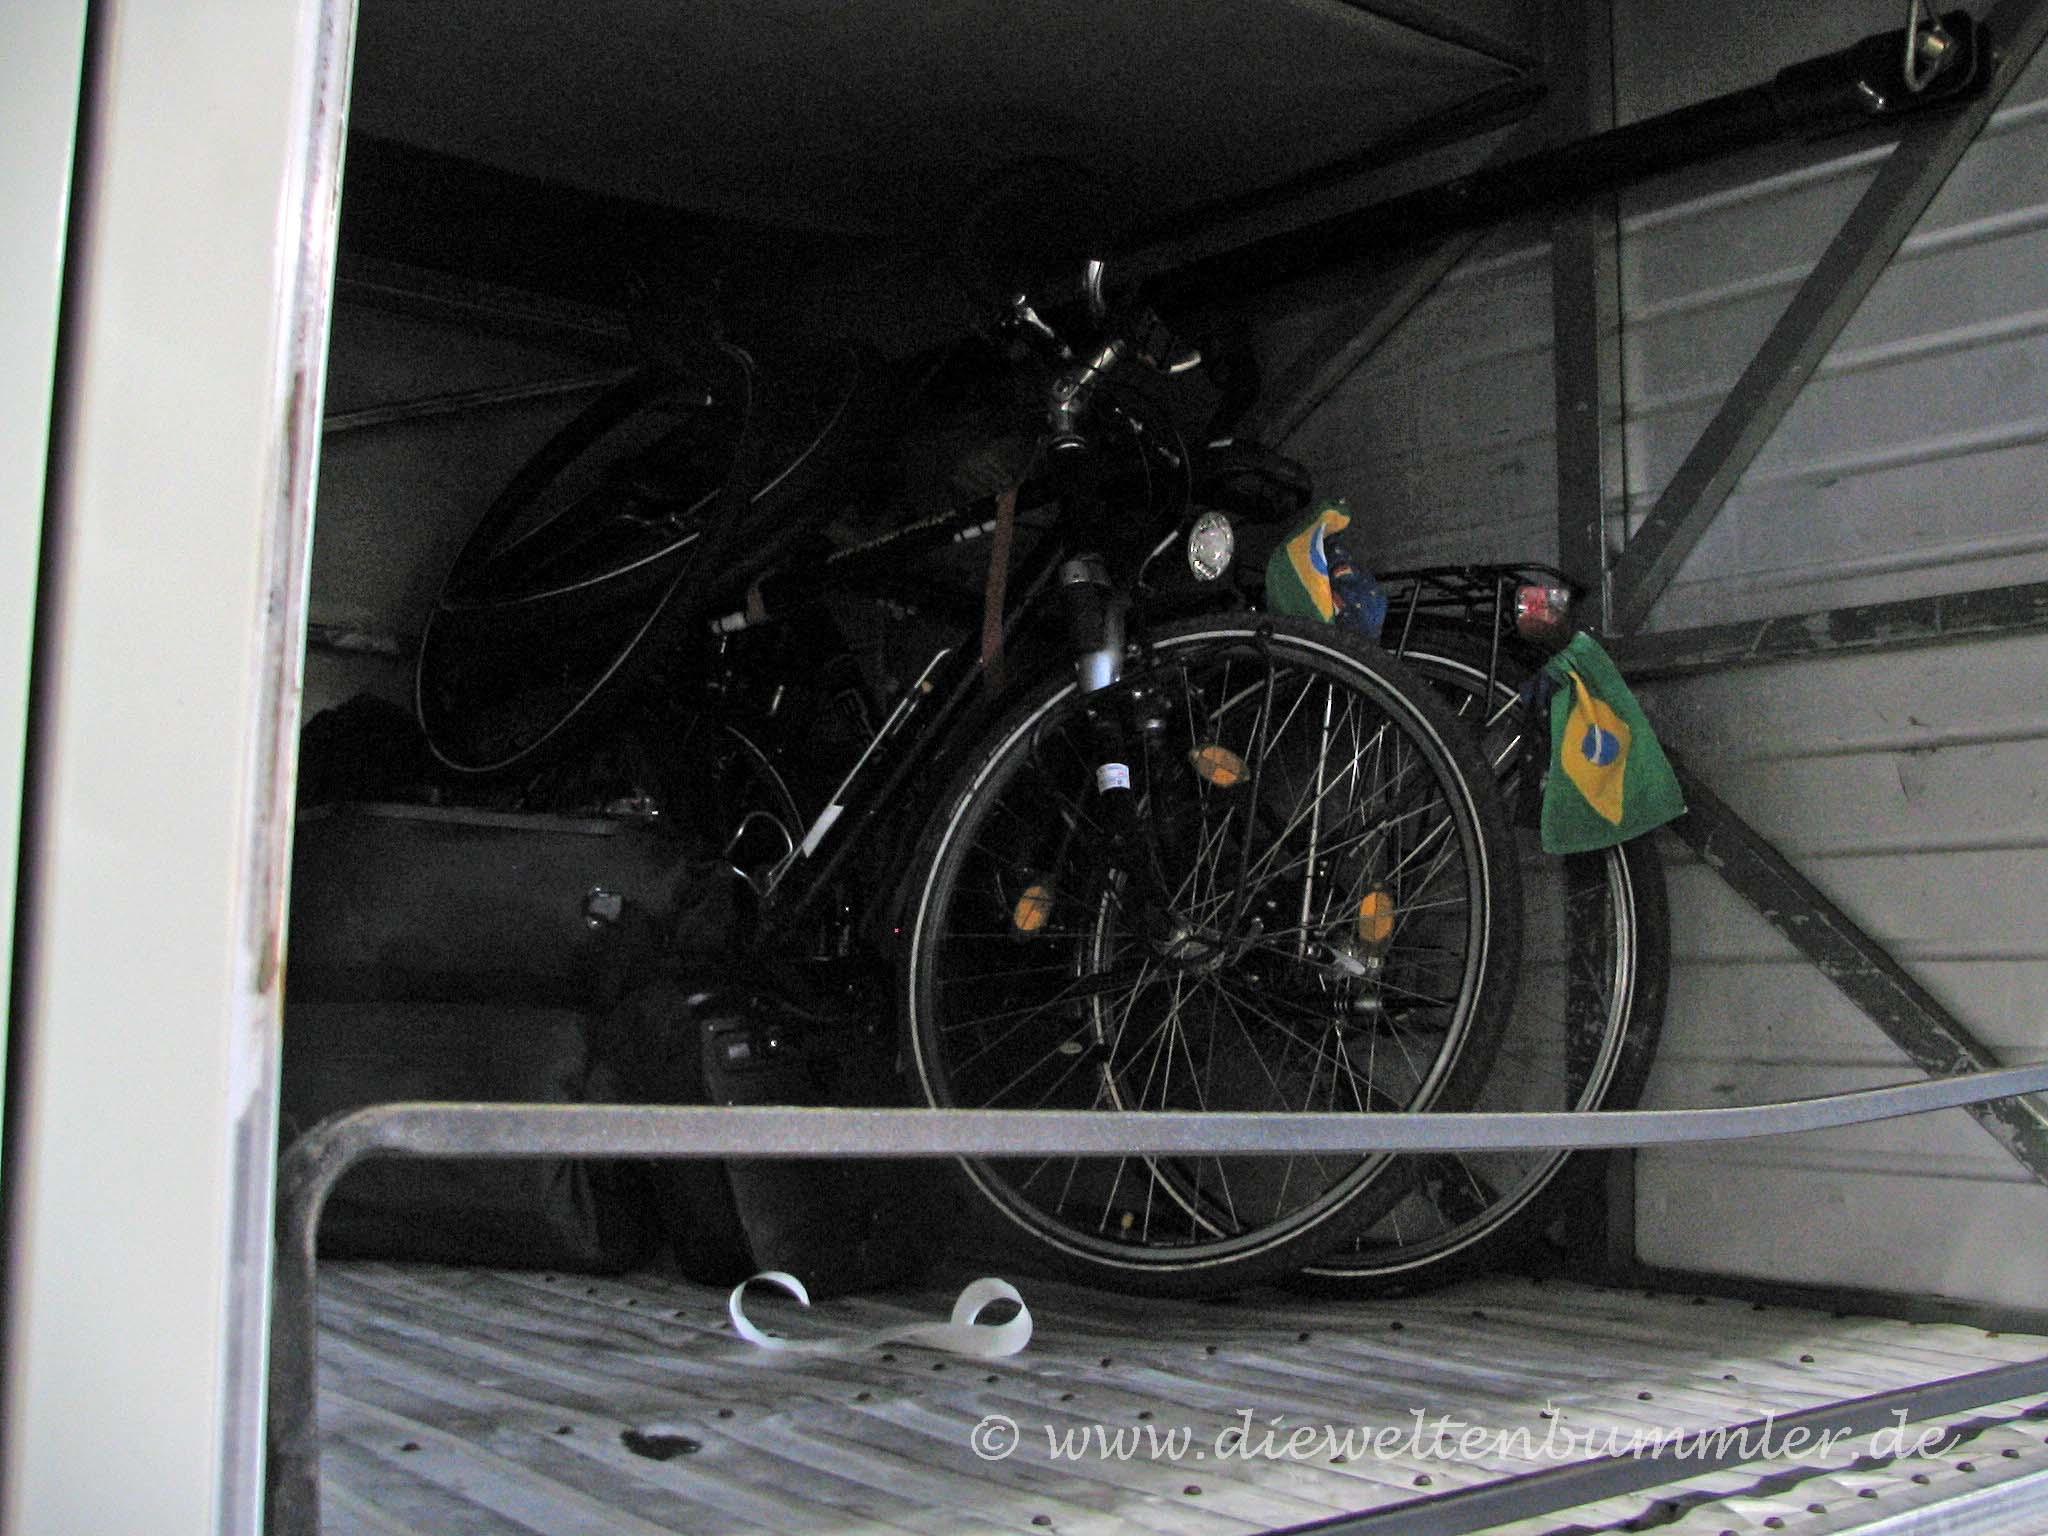 Fahrräder im Kofferraum des Busses